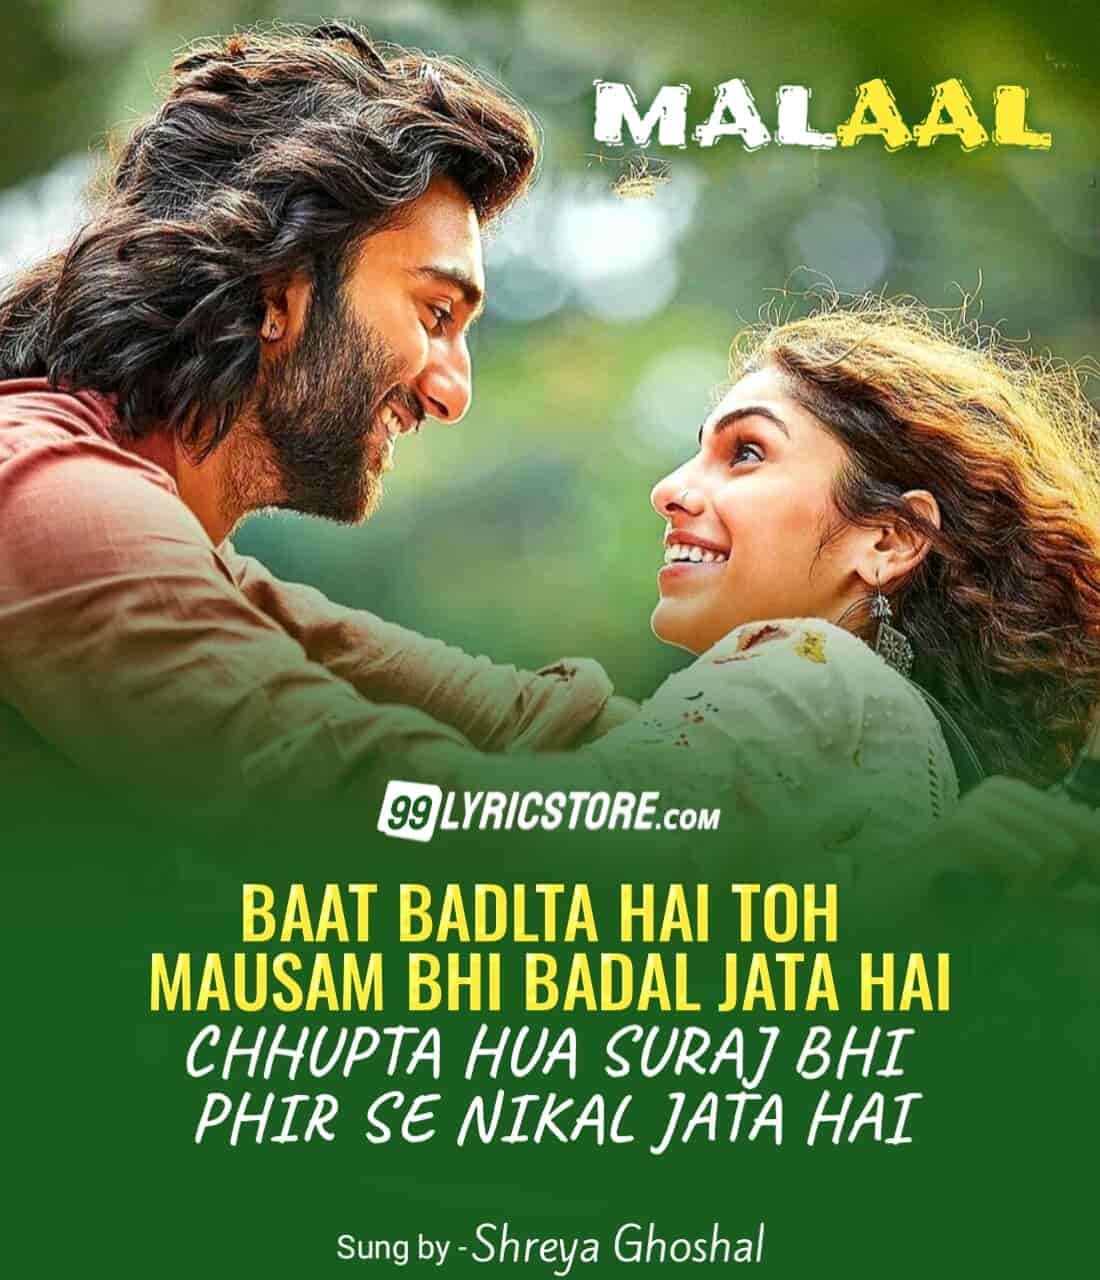 Kathai Kathai Hindi song lyrics sung by Shreya Ghoshal